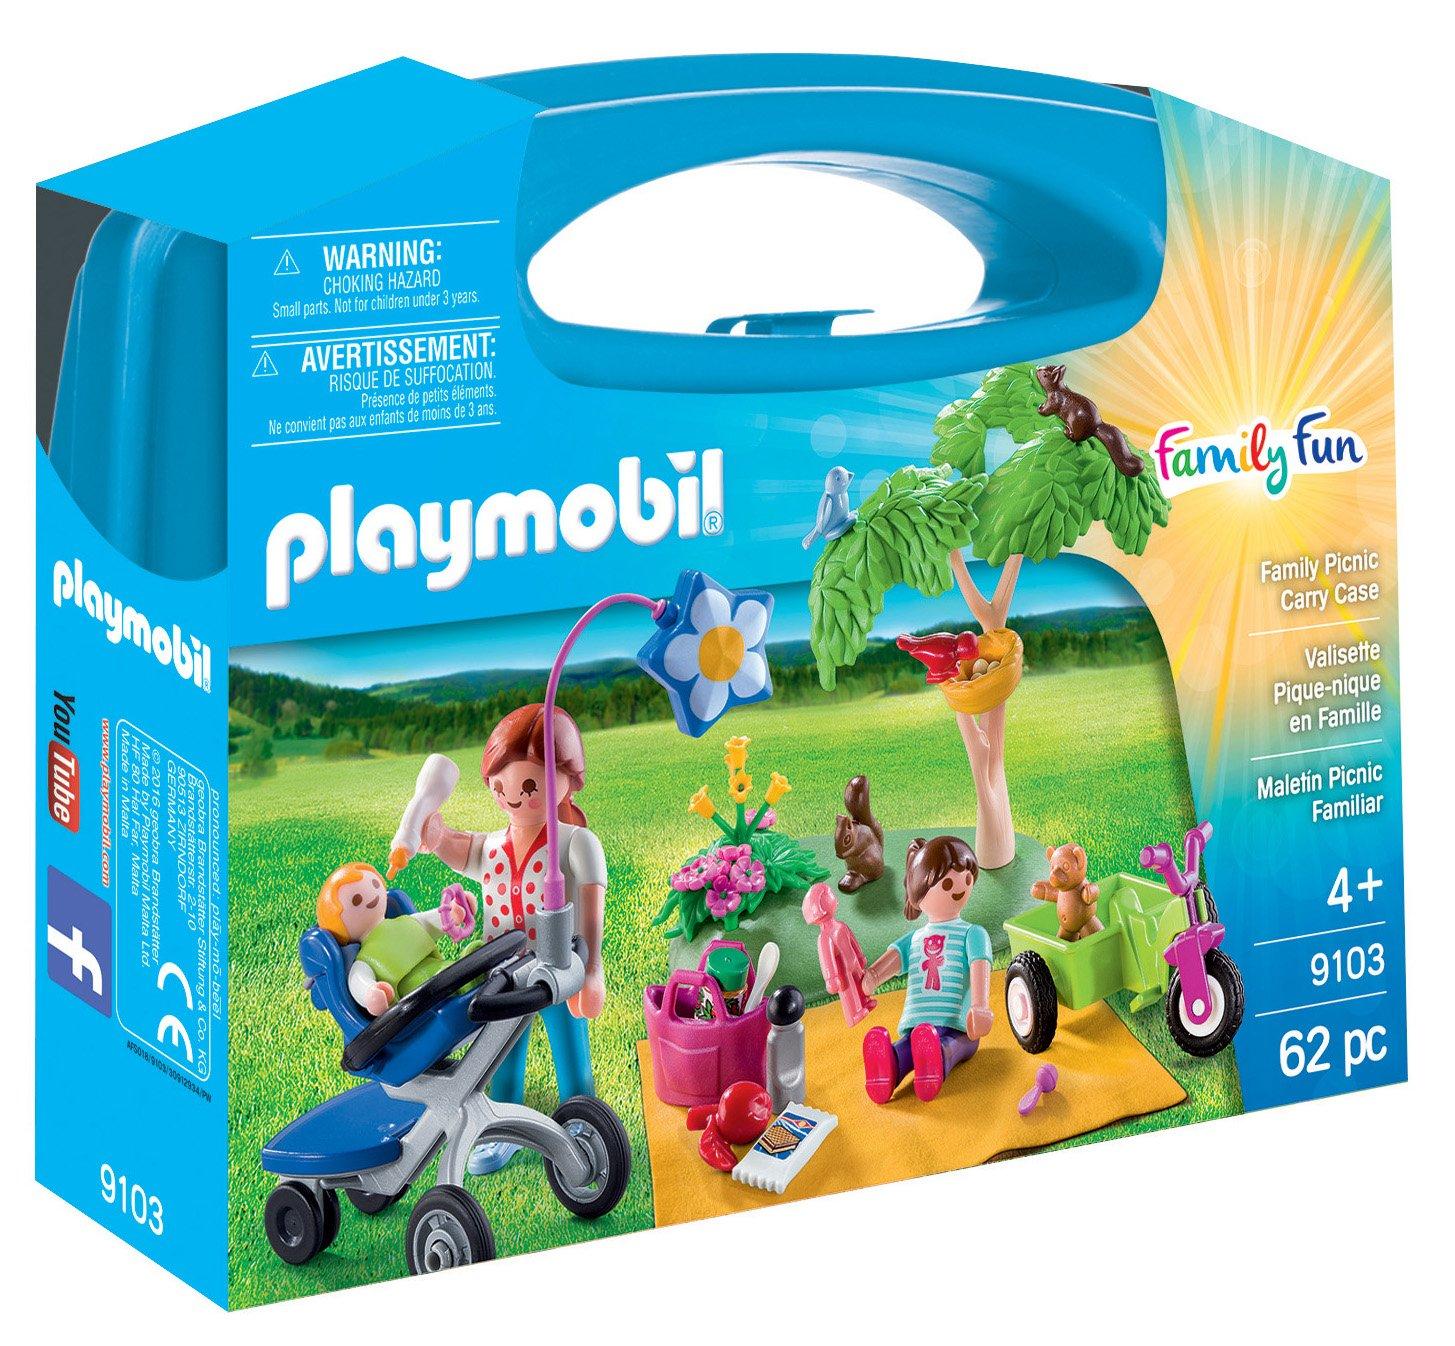 Playmobil Maletín Grande Picnic Familiar única 9103: Amazon.es: Juguetes y juegos